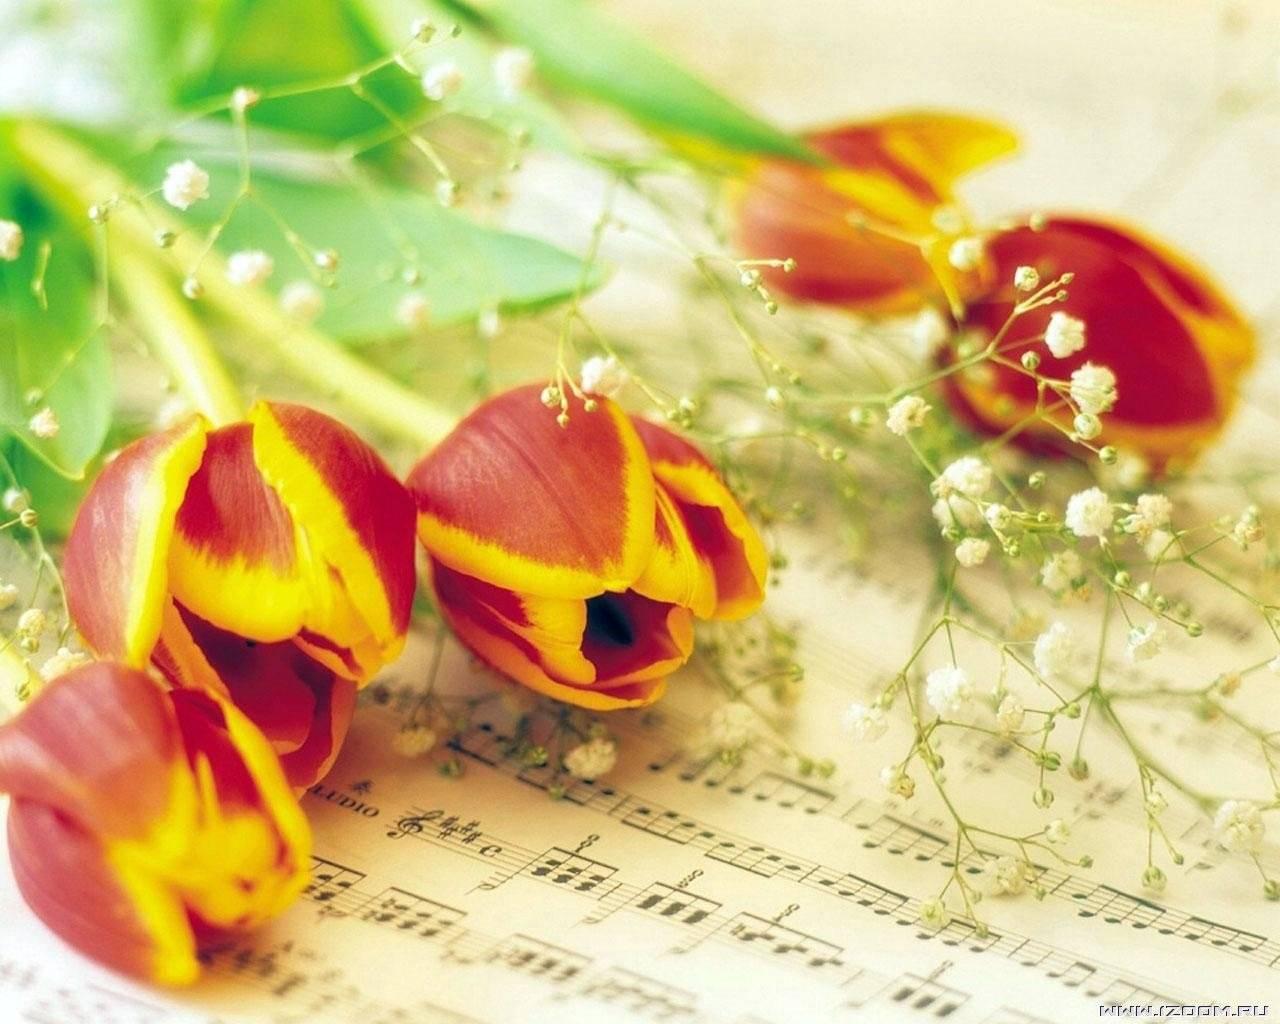 Поздравления с годовщиной свадьбы трогательные в стихах